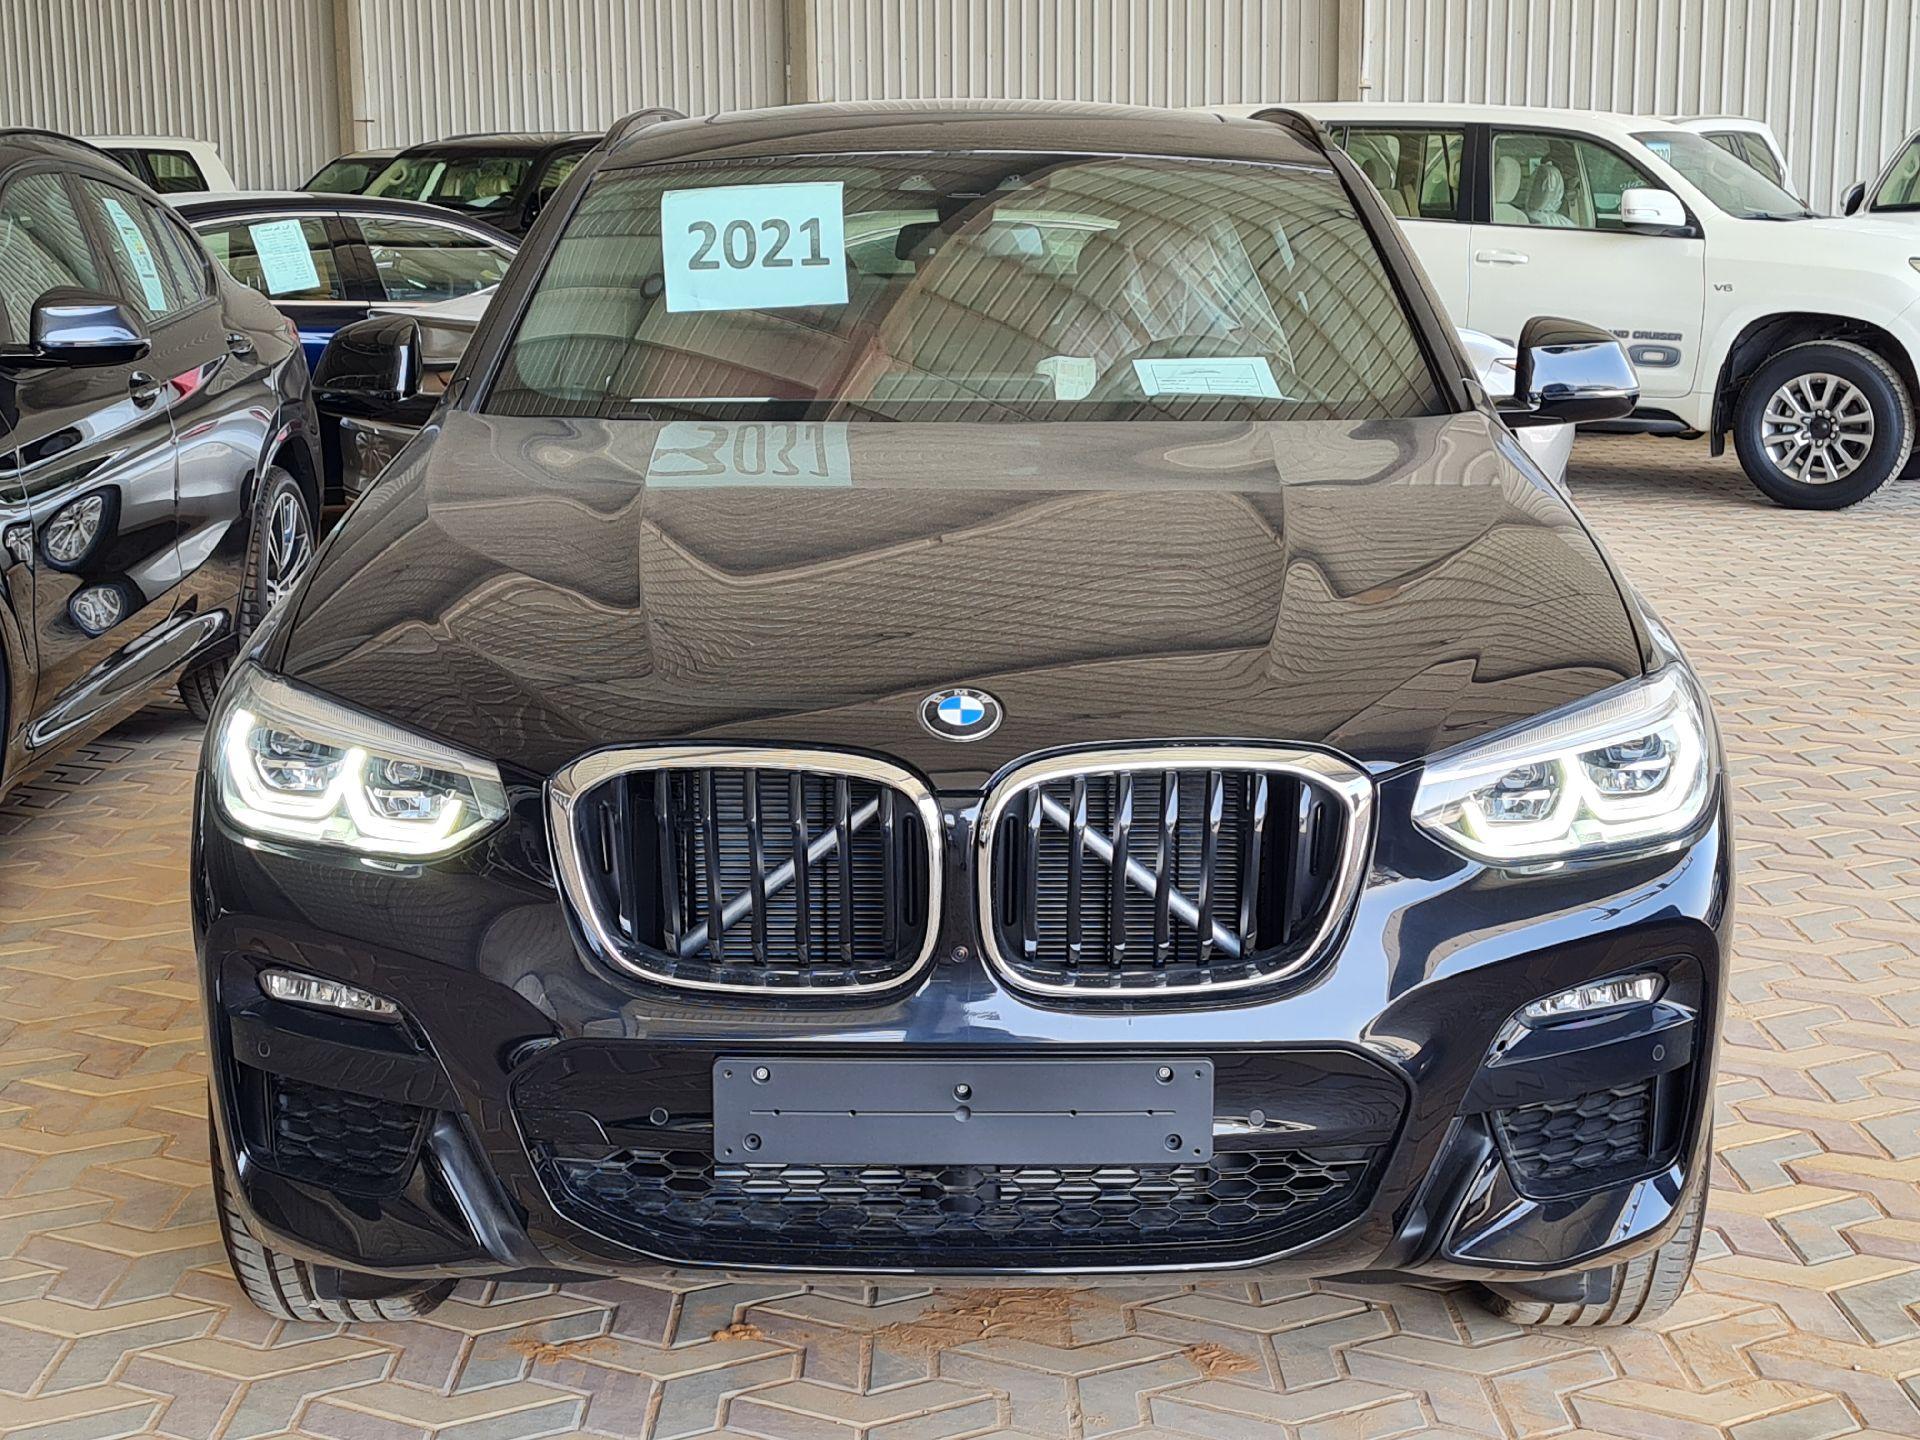 BMW الفئة X 4 xDrive 30i 2021 فل خليجي للبيع في الرياض - السعودية - صورة كبيرة - 4